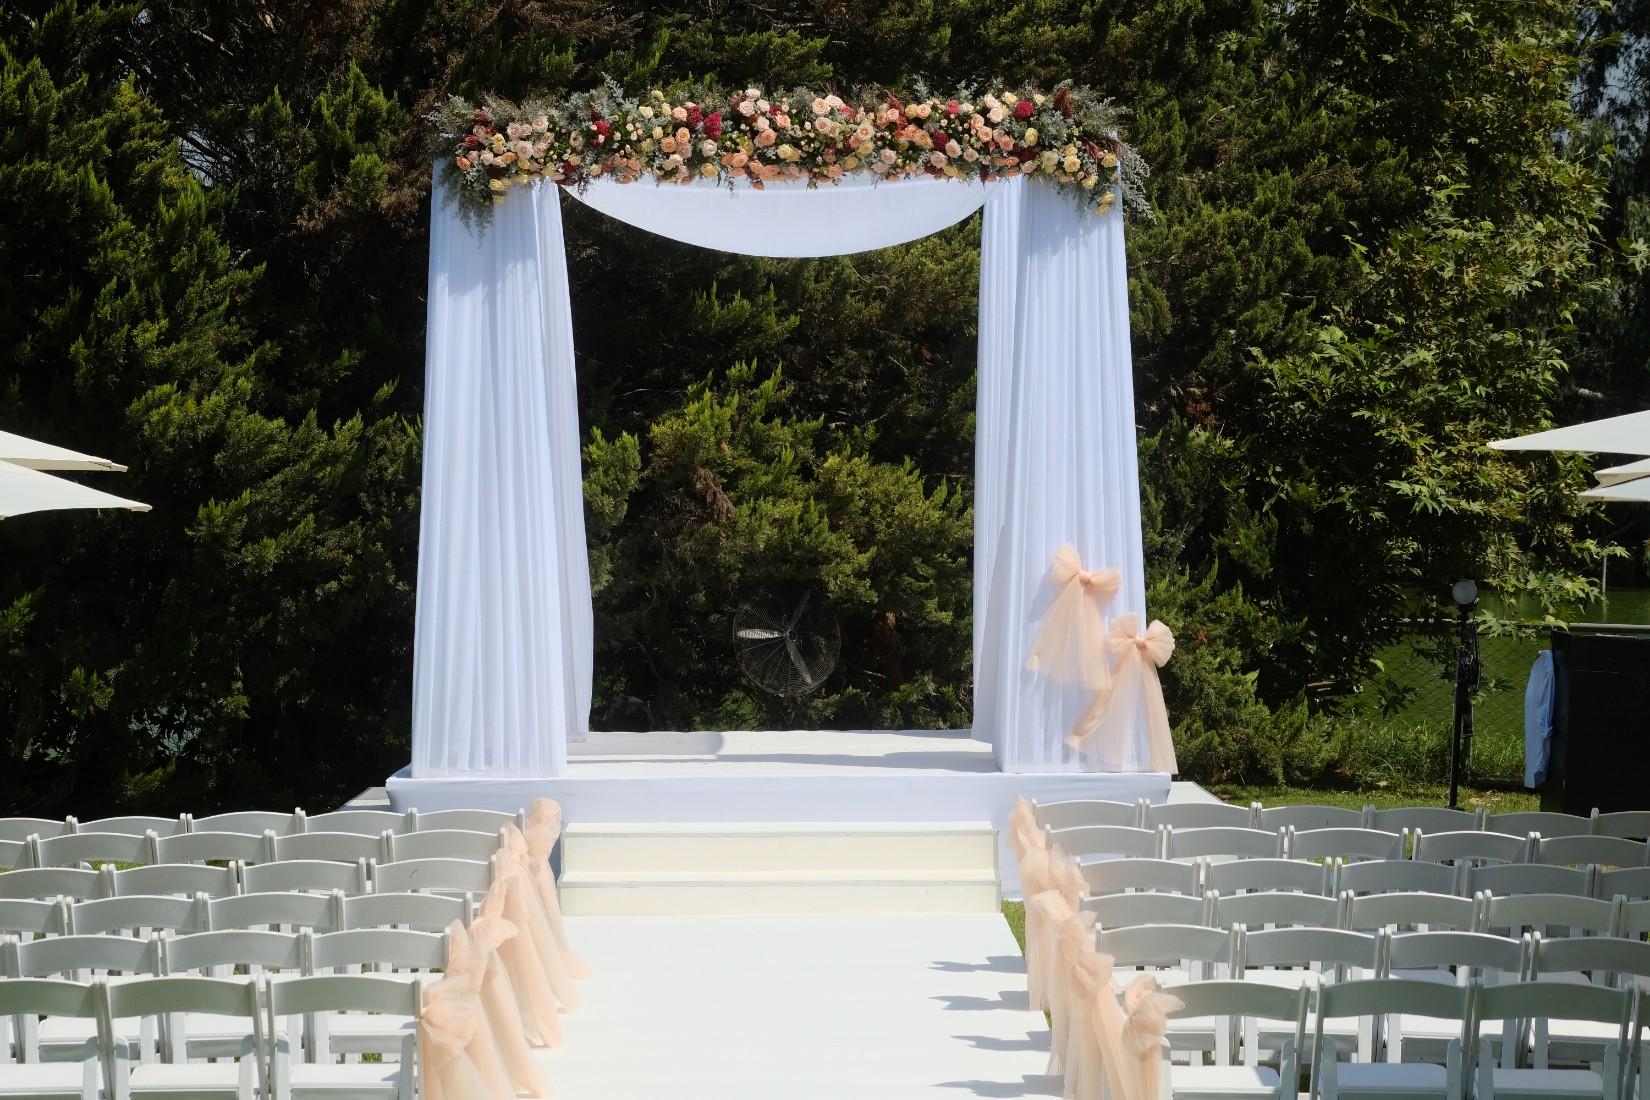 אלגנטיות של ערב בשישי בצהריים: החתונה של שיר ורועי